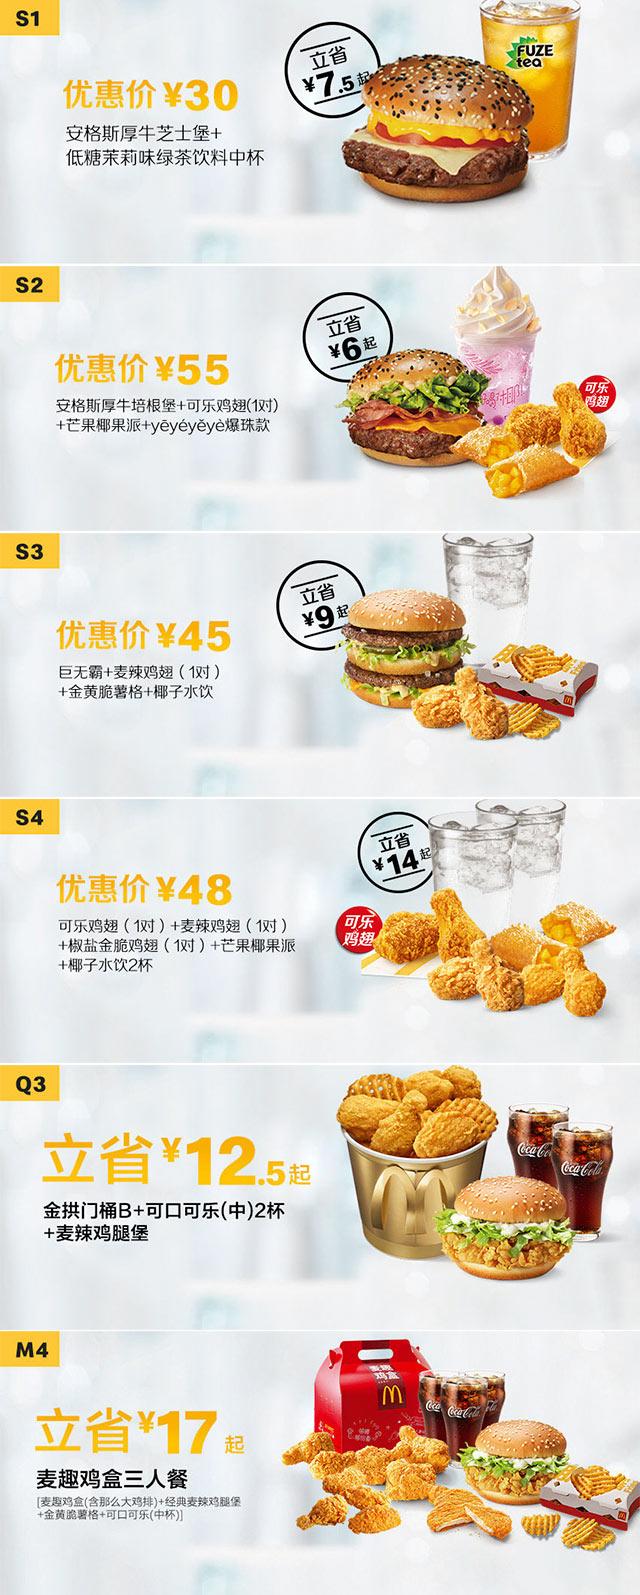 优惠券图片:麦当劳优惠券2019年7月3日至8月7日手机版整张版本,点餐出示享优惠价 有效期2019年07月3日-2019年08月7日